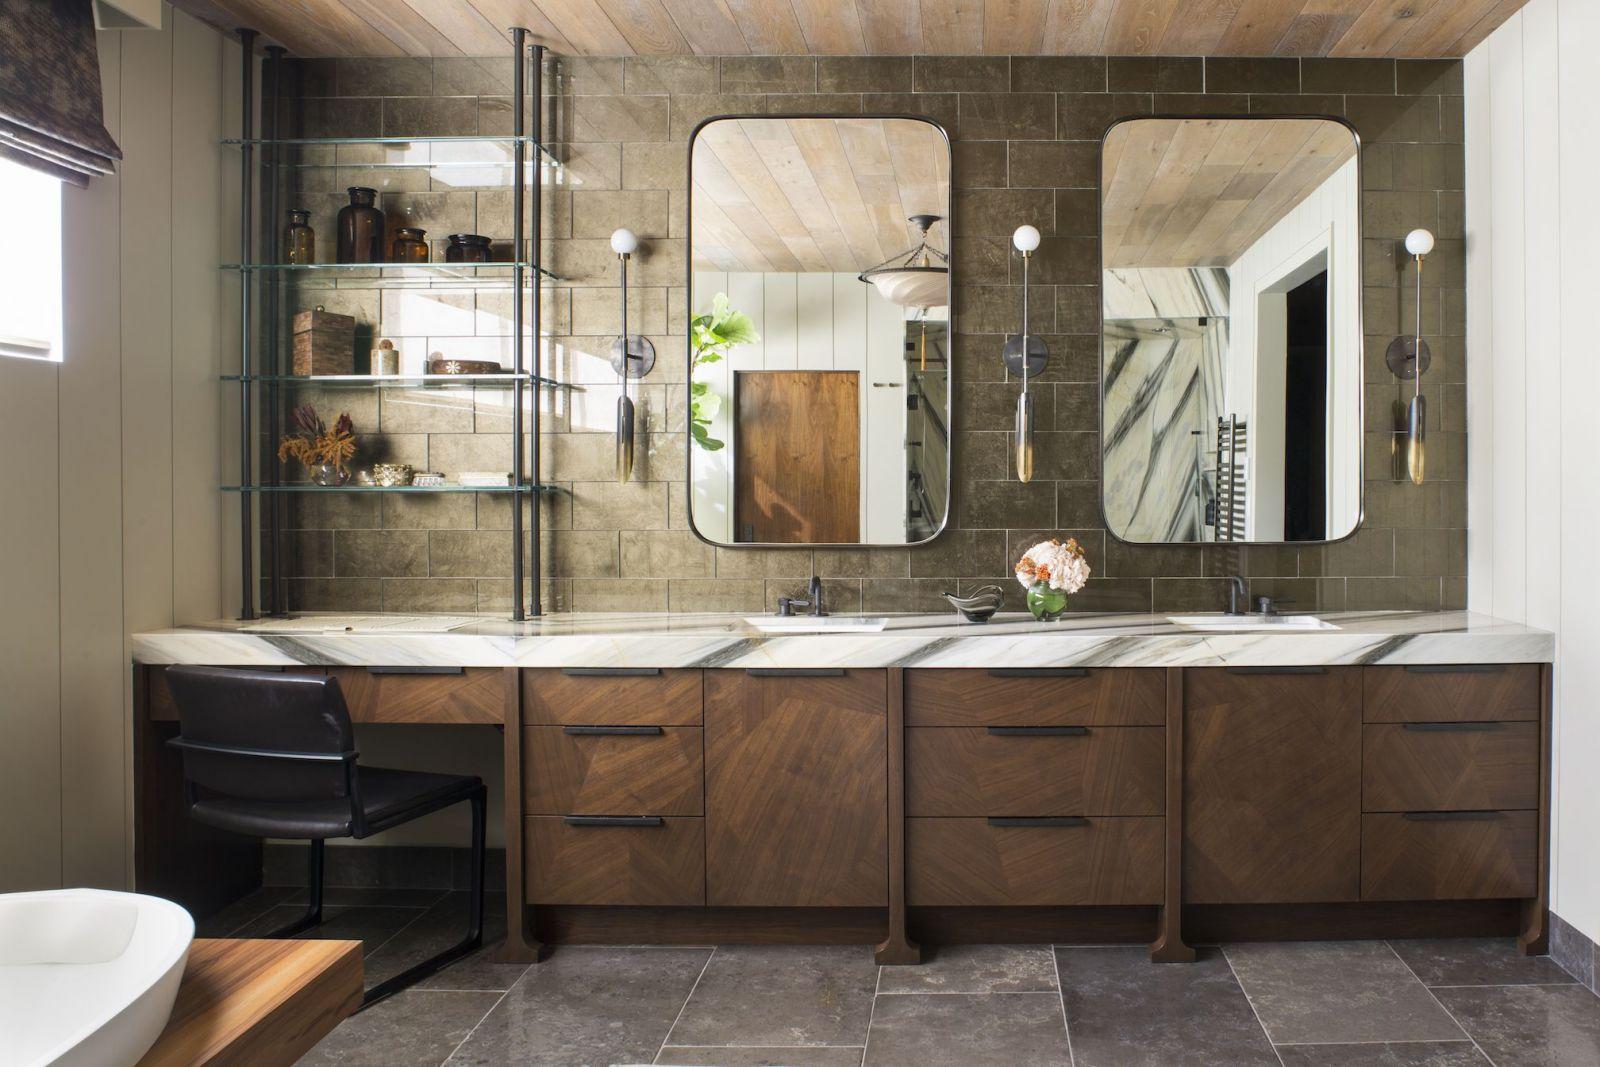 Phòng tắm sử dụng ton màu nâu cổ điển, mộc mạc, tạo cảm giác dễ chịu và thư thái